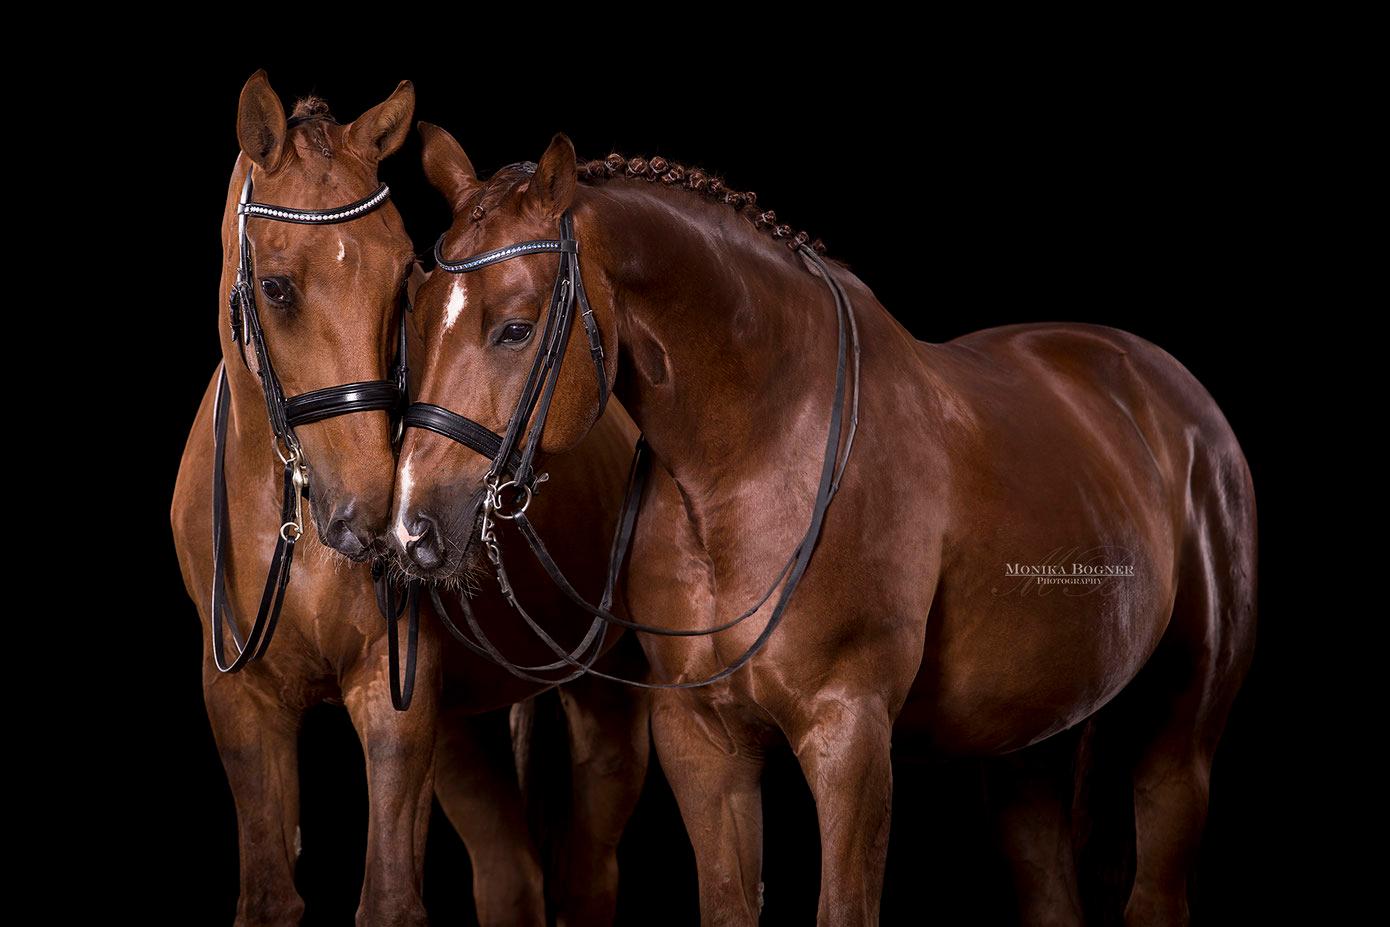 Warmblut, Dressurpferde, Pferde im Studio, Pferde vor schwarzem Hintergrund, Pferdefotografie